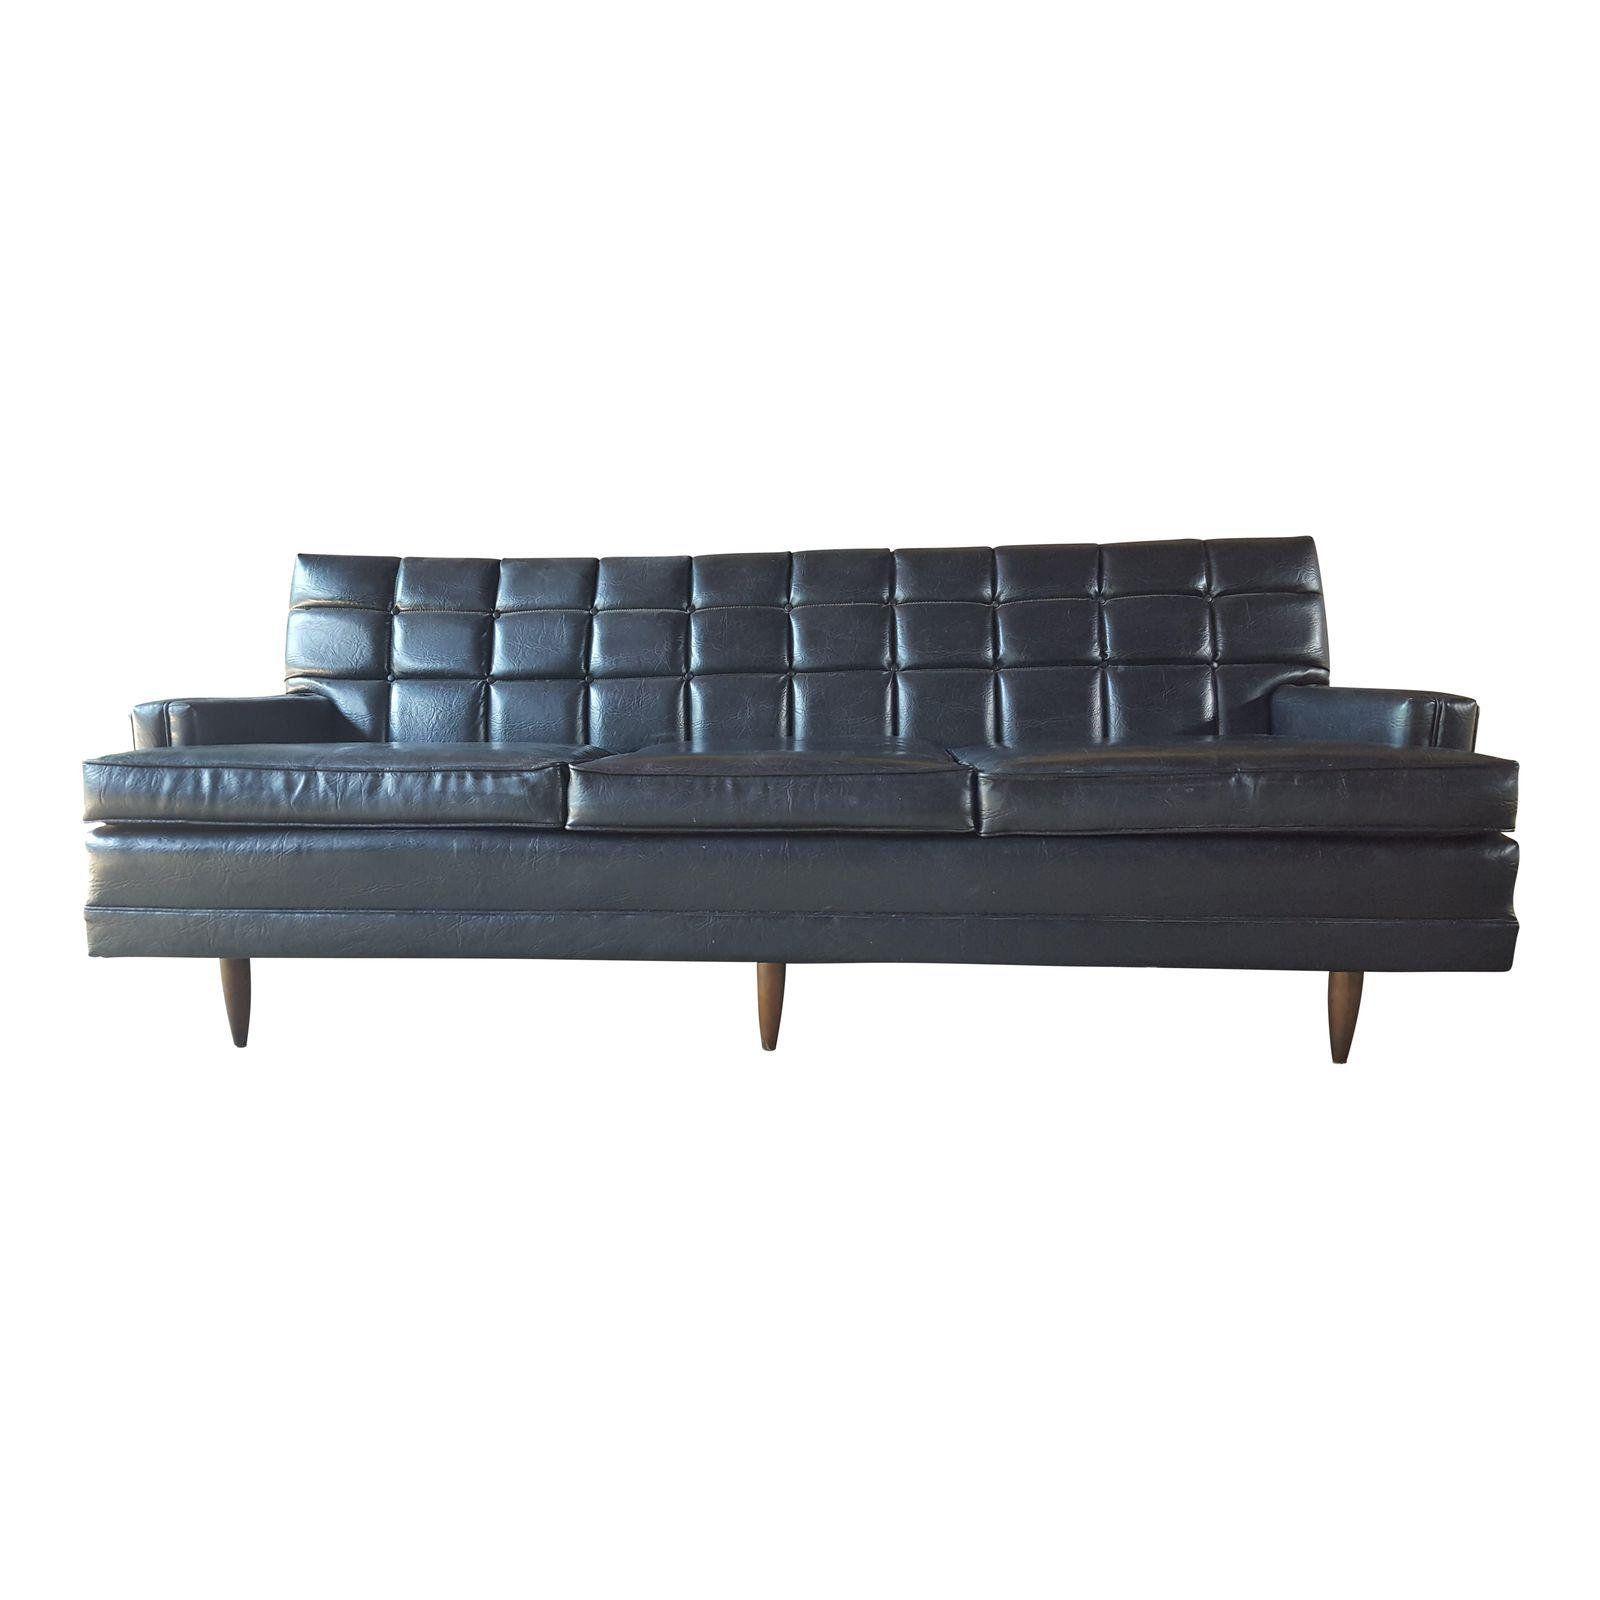 Naugahyde Leather Like Vintage Sofa